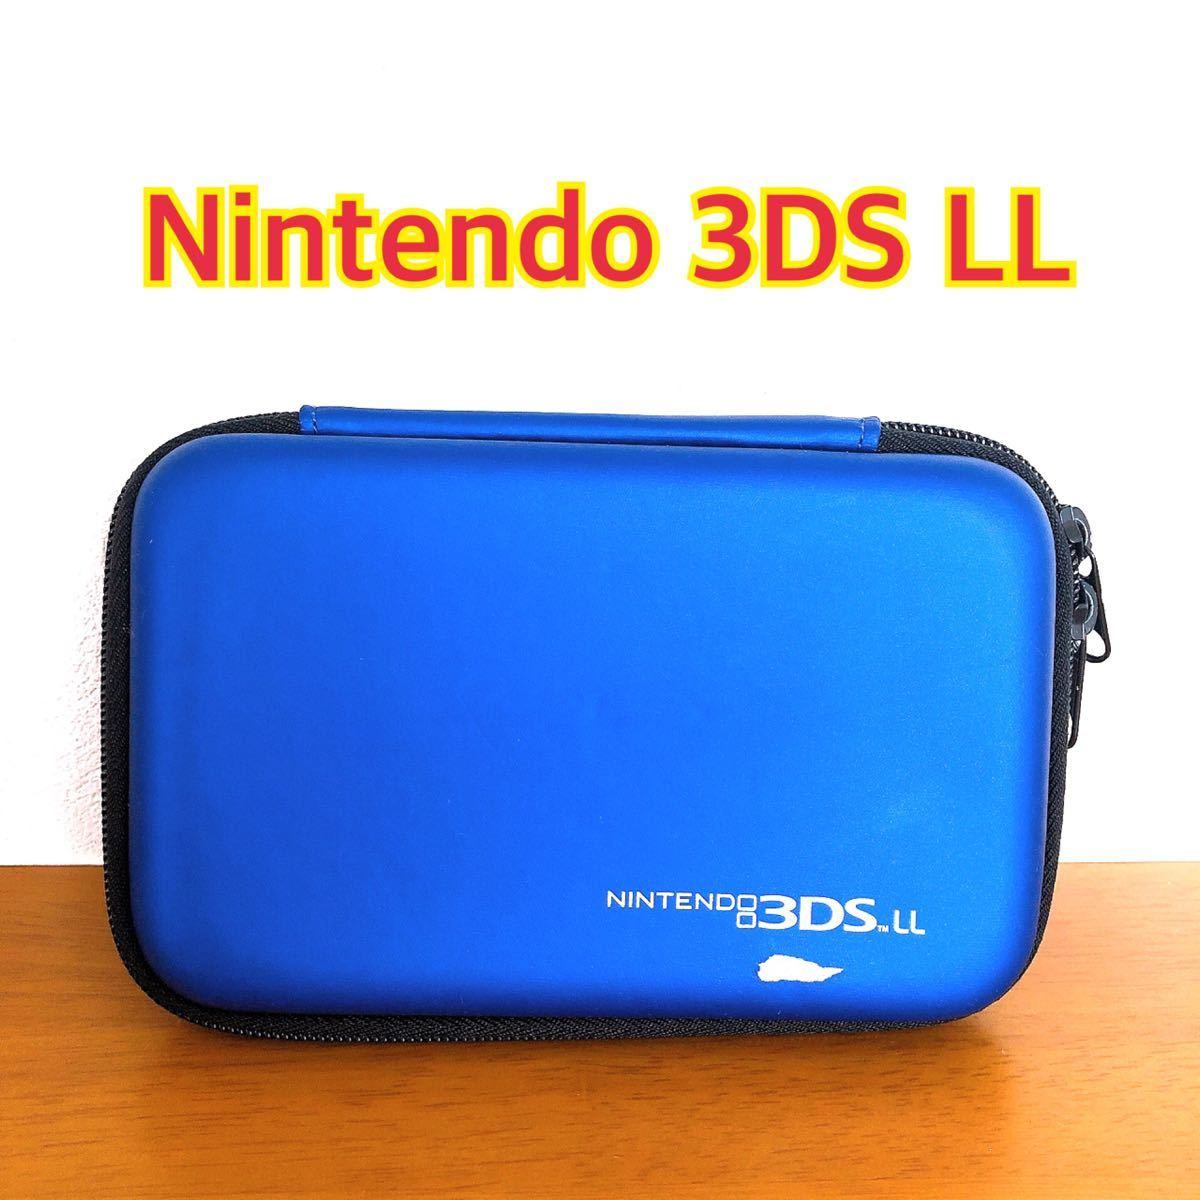 Nintendo3DS LL ハードケース ブルー HORI 任天堂